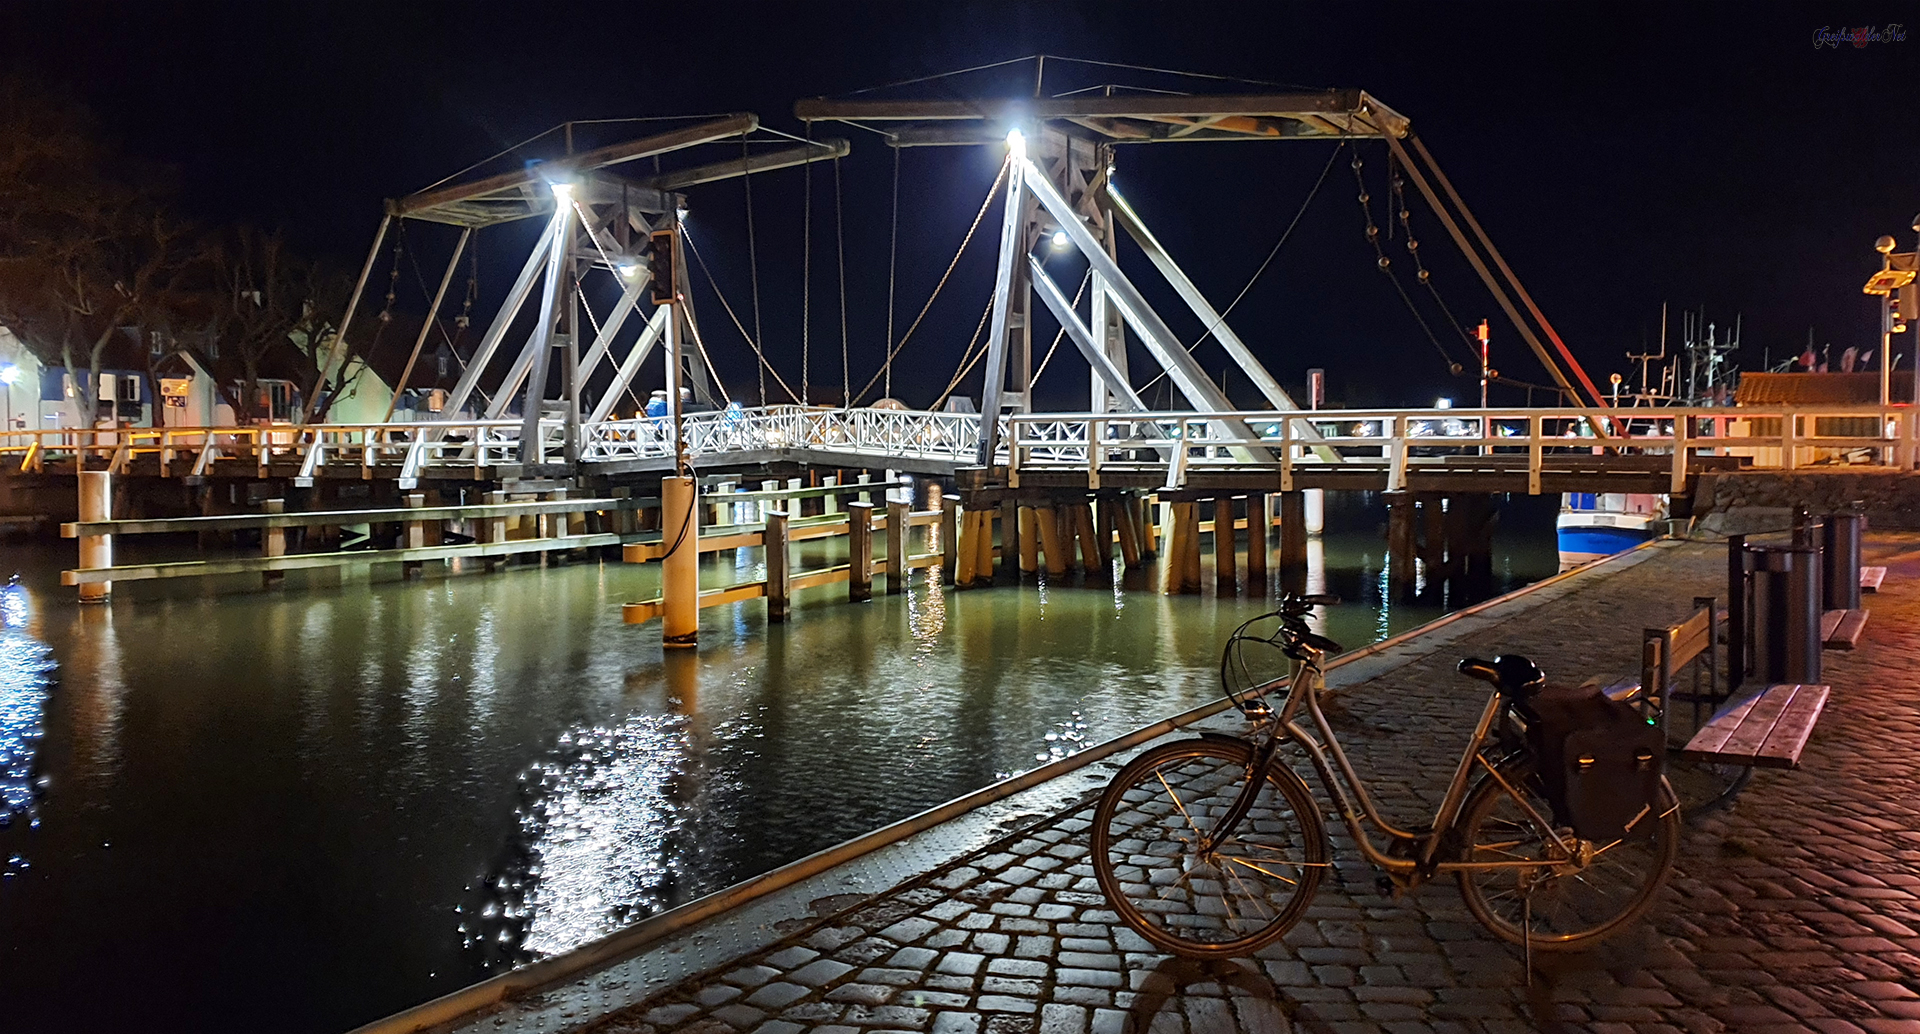 Abend an der Holzklappbrücke in Greifswald-Wieck